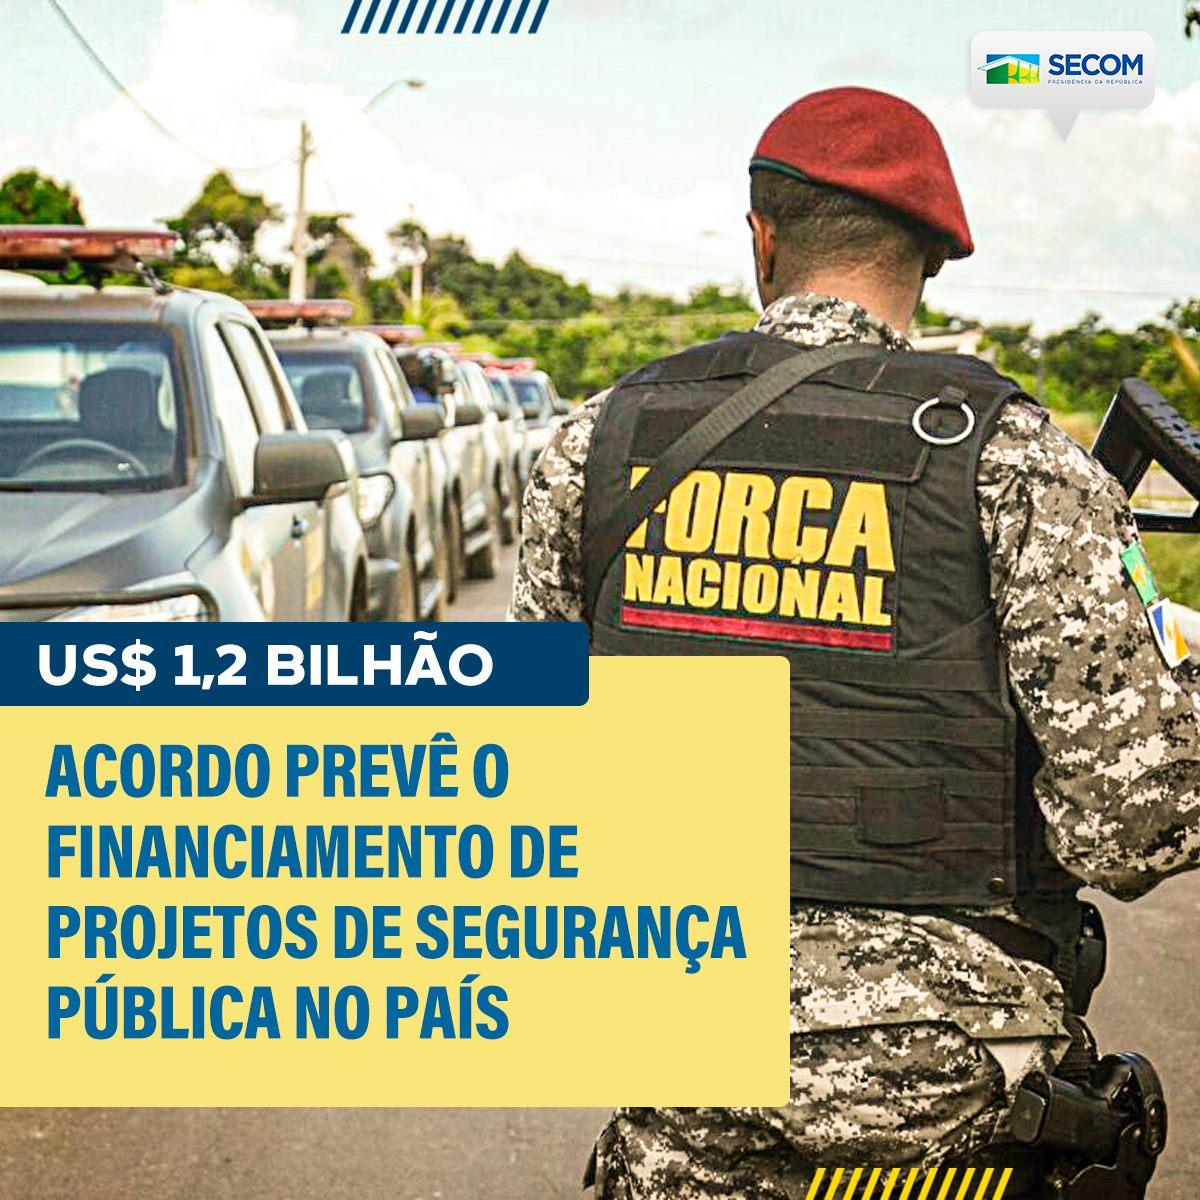 Financiamento de U$1,2 bilhão para projetos de segurança pública